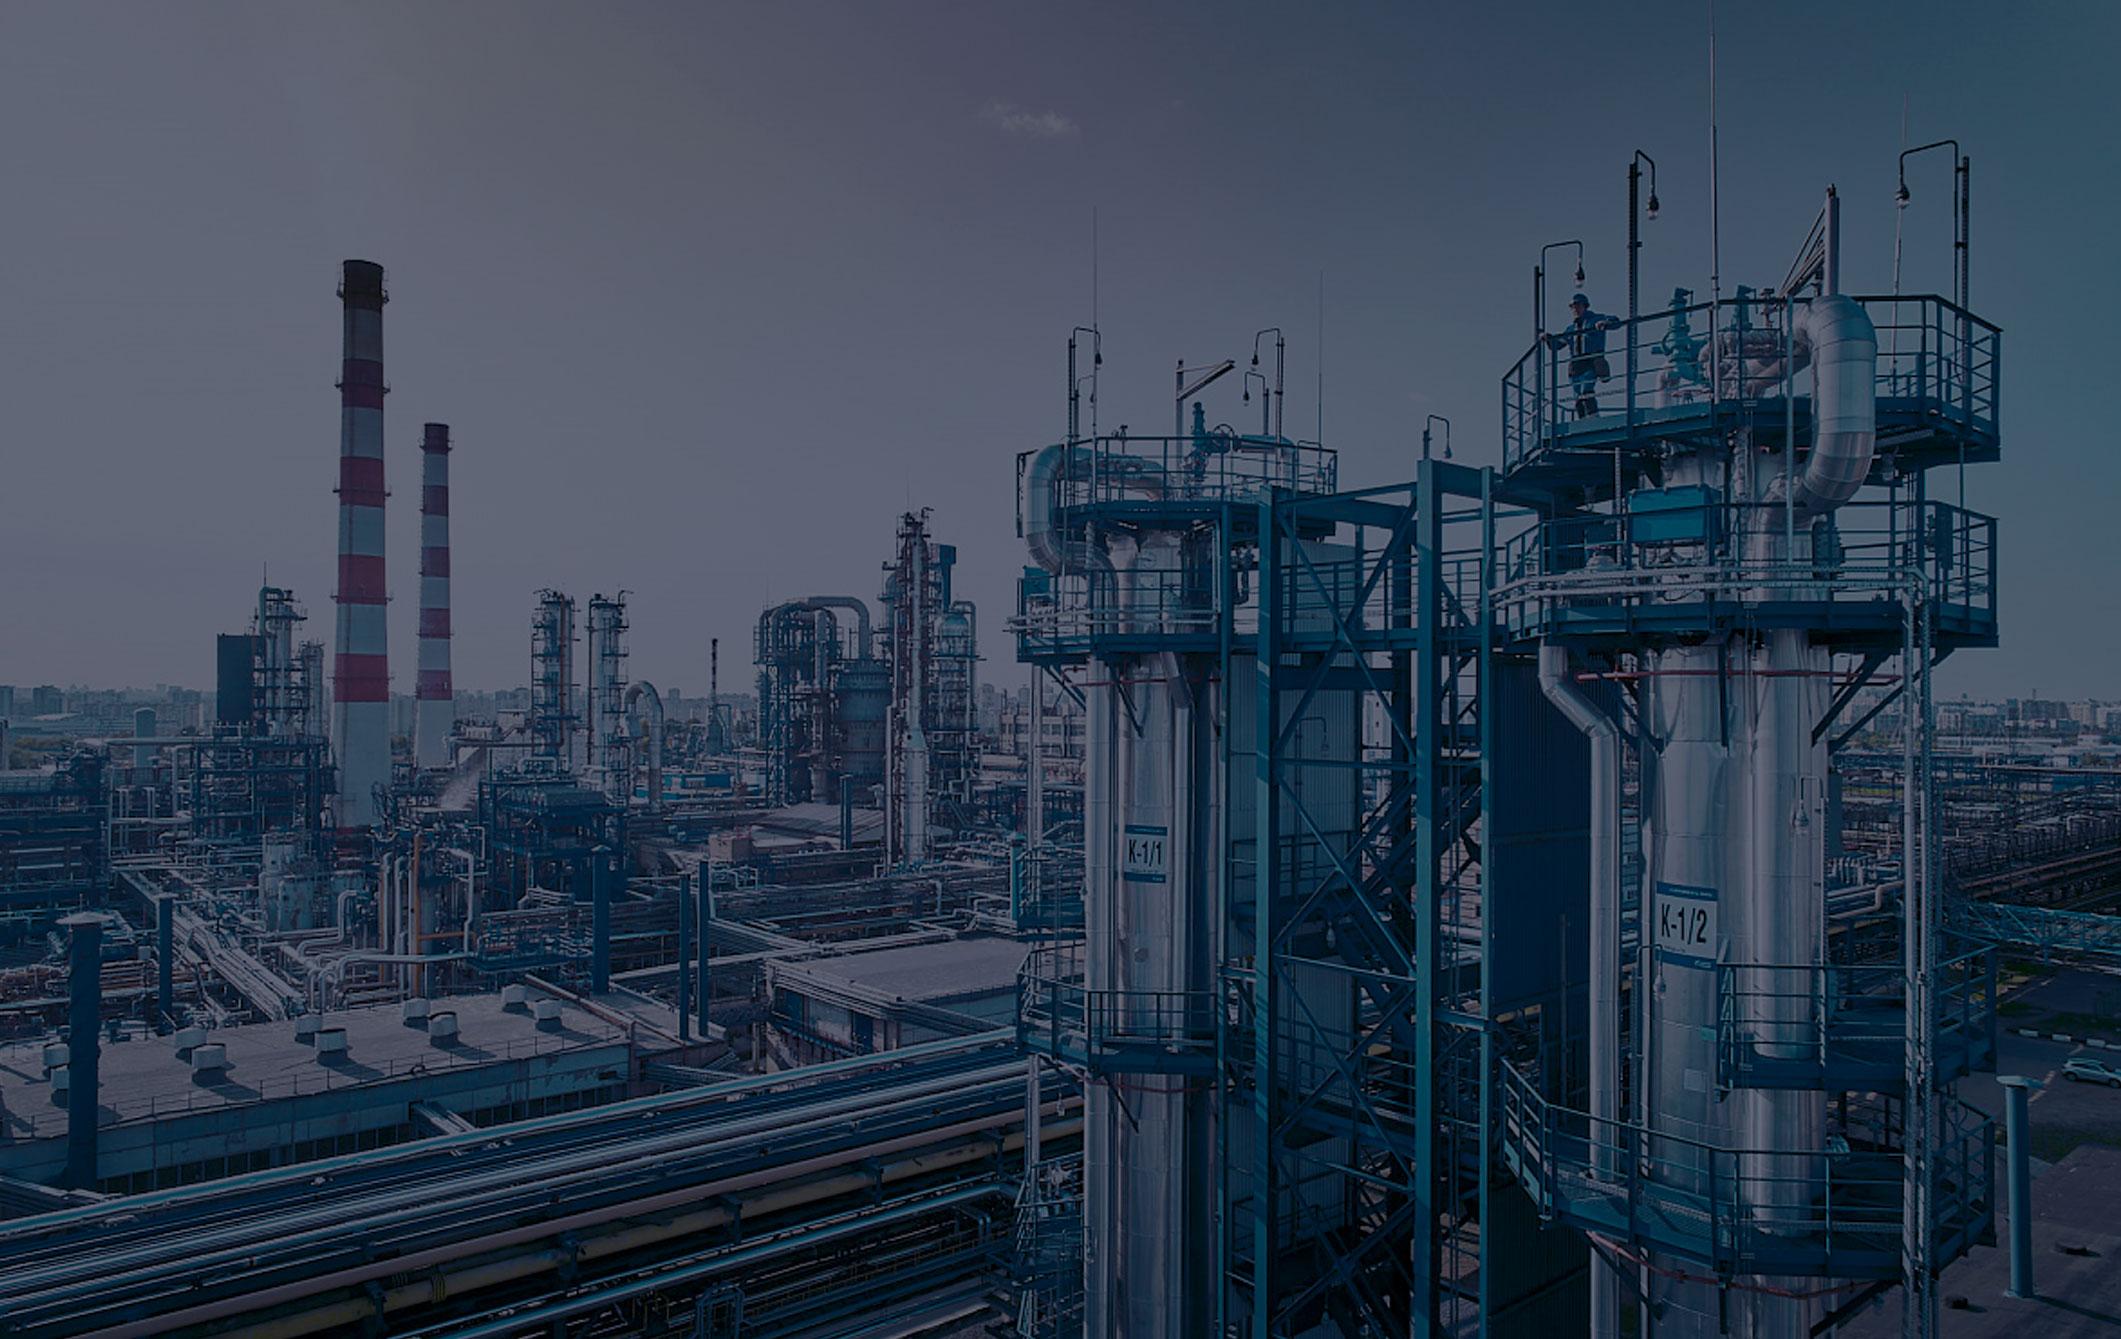 Дистанционное обучение на курсе в условиях угрозы распространения на объекте (территории) токсичных химикатов